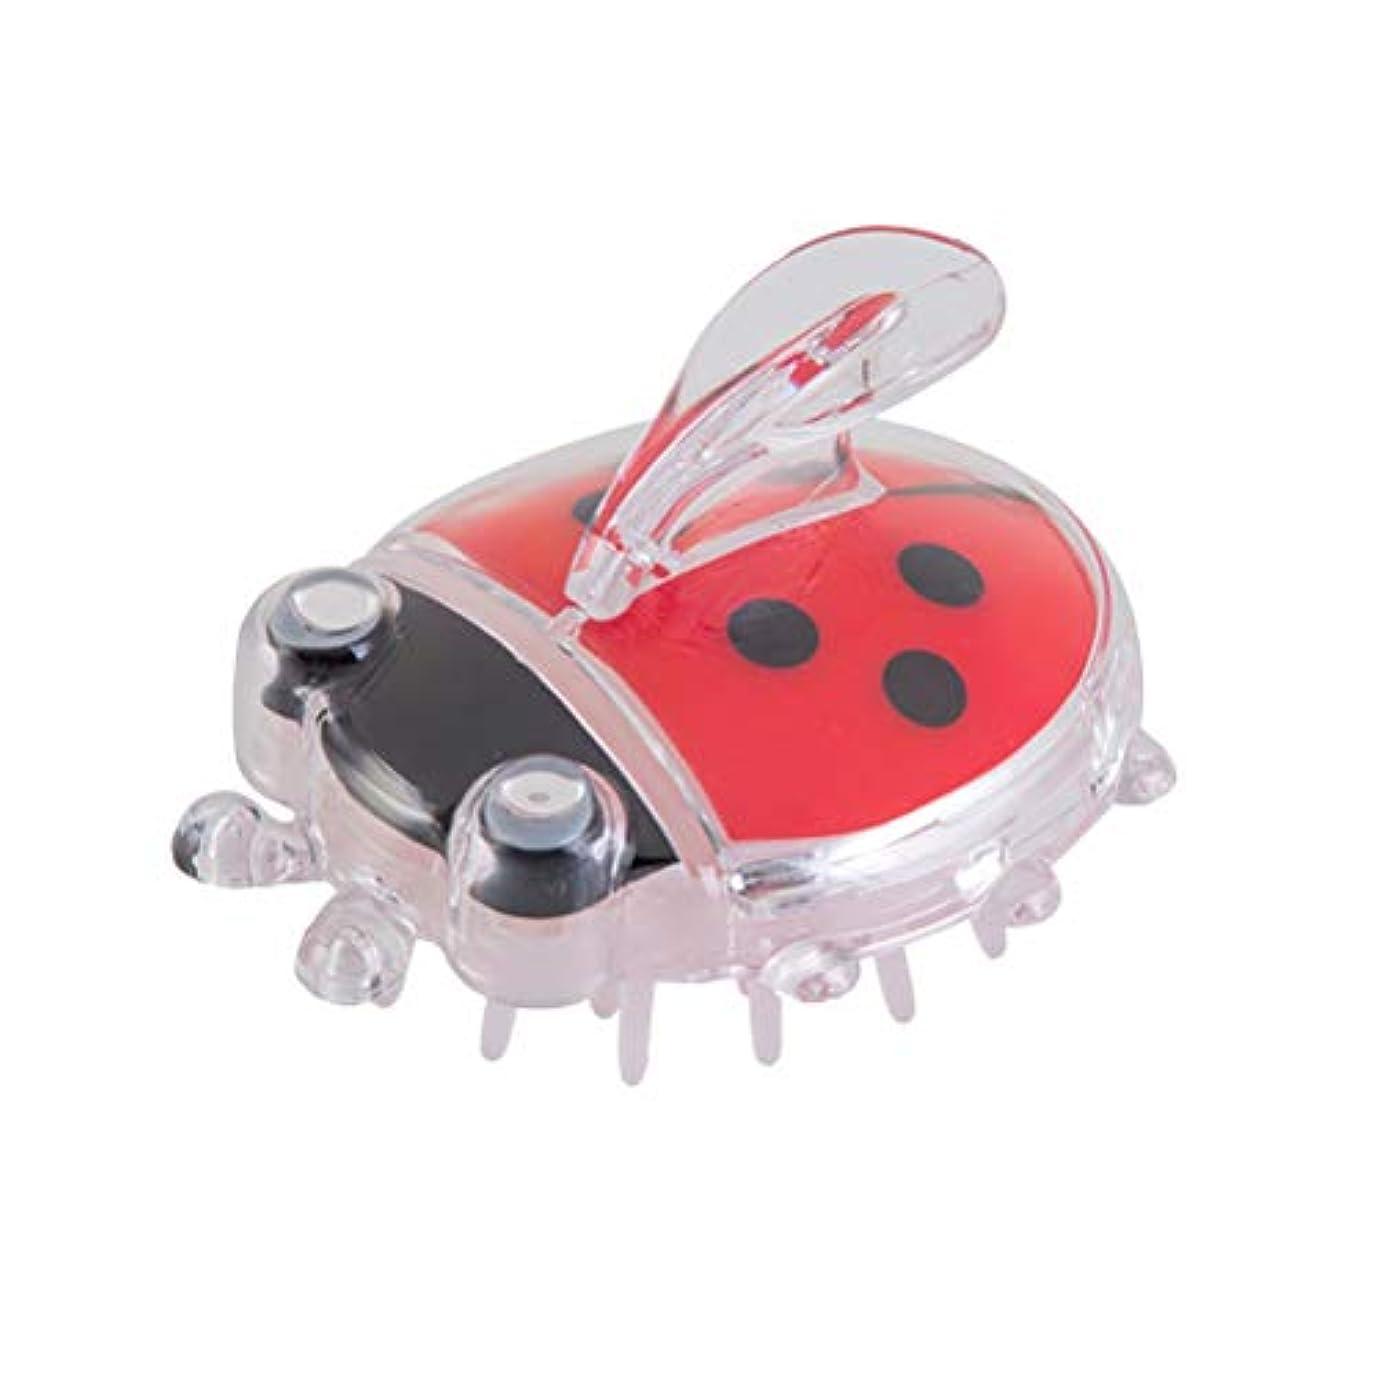 自発的修羅場パスTOPBATHY 生まれたばかりの乳児の赤ちゃんのためのマッサージコームヘアーブラシヘッドバスブラシ(赤Coccinella)1個